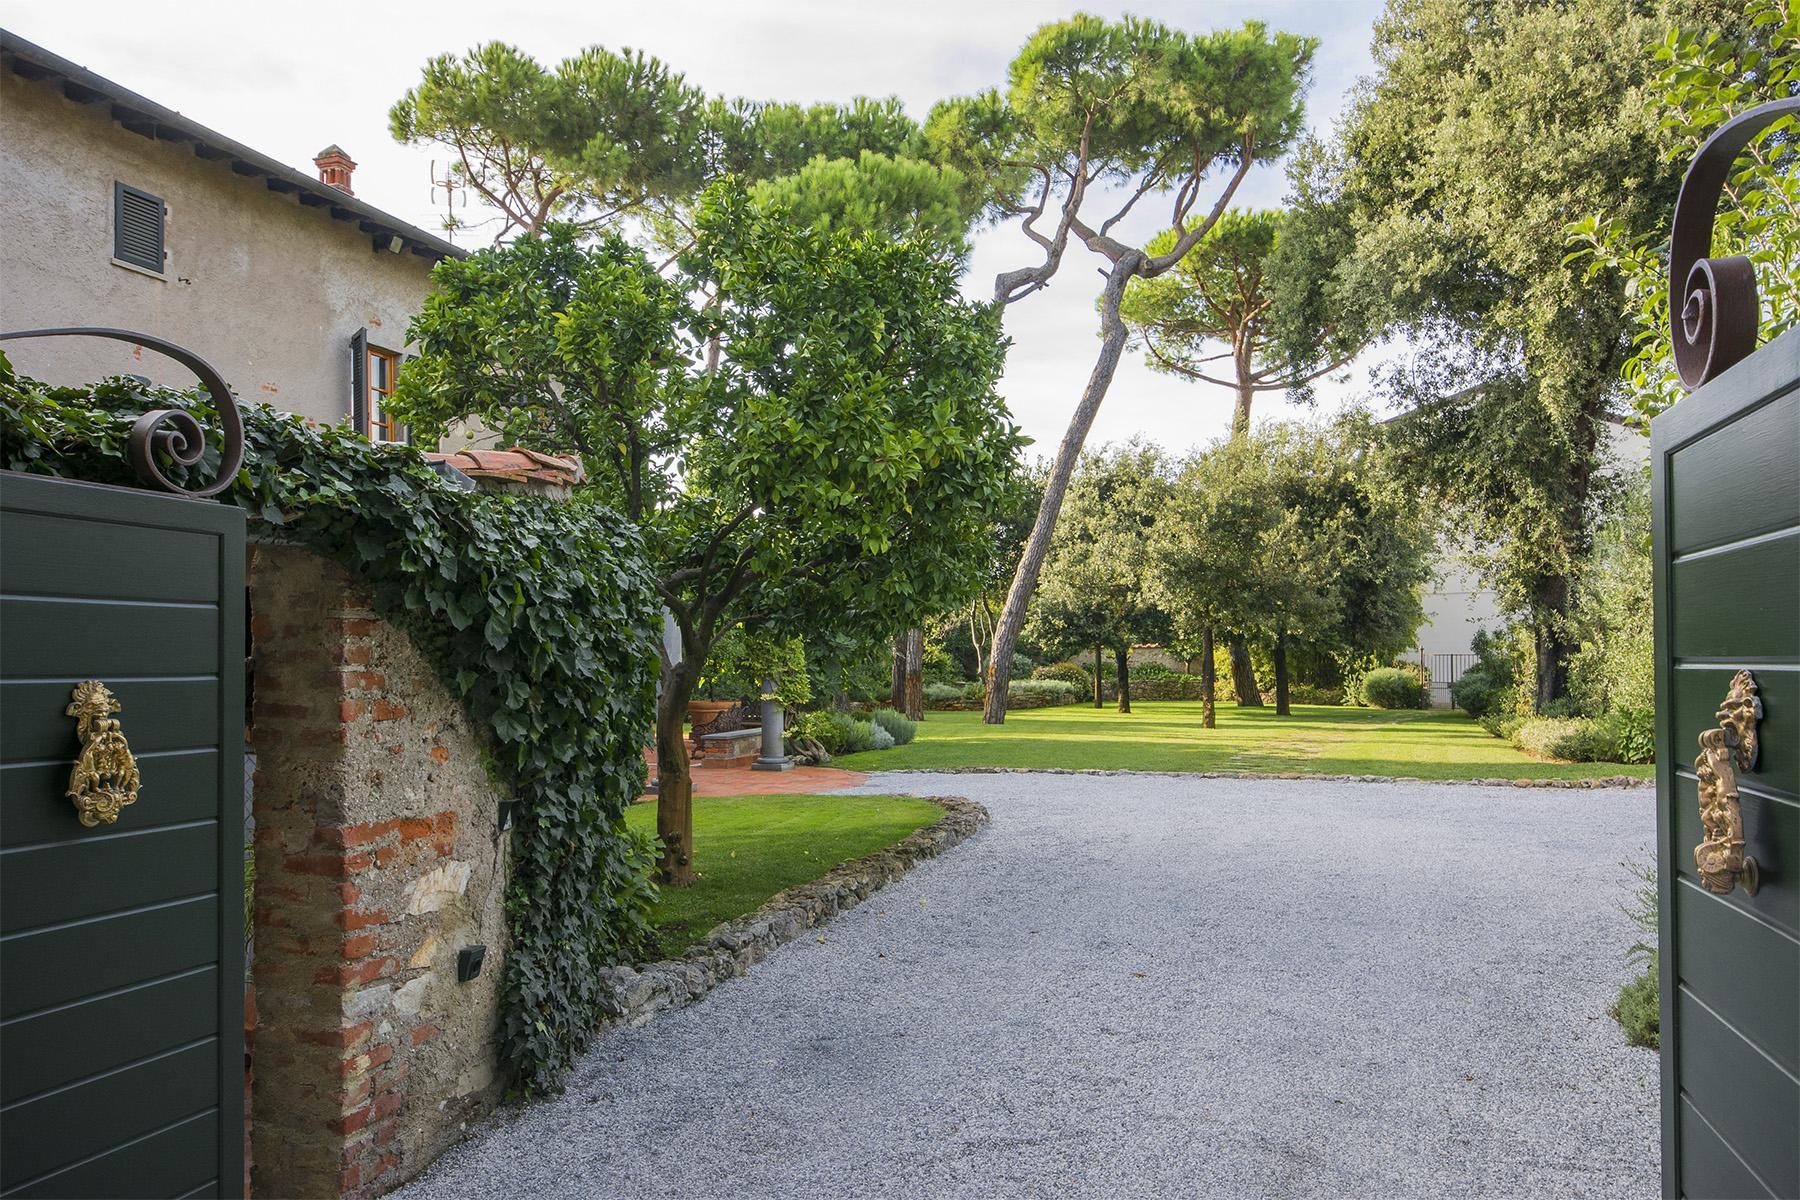 坐落在Marina di Pietrasanta的宏伟建筑 - 26